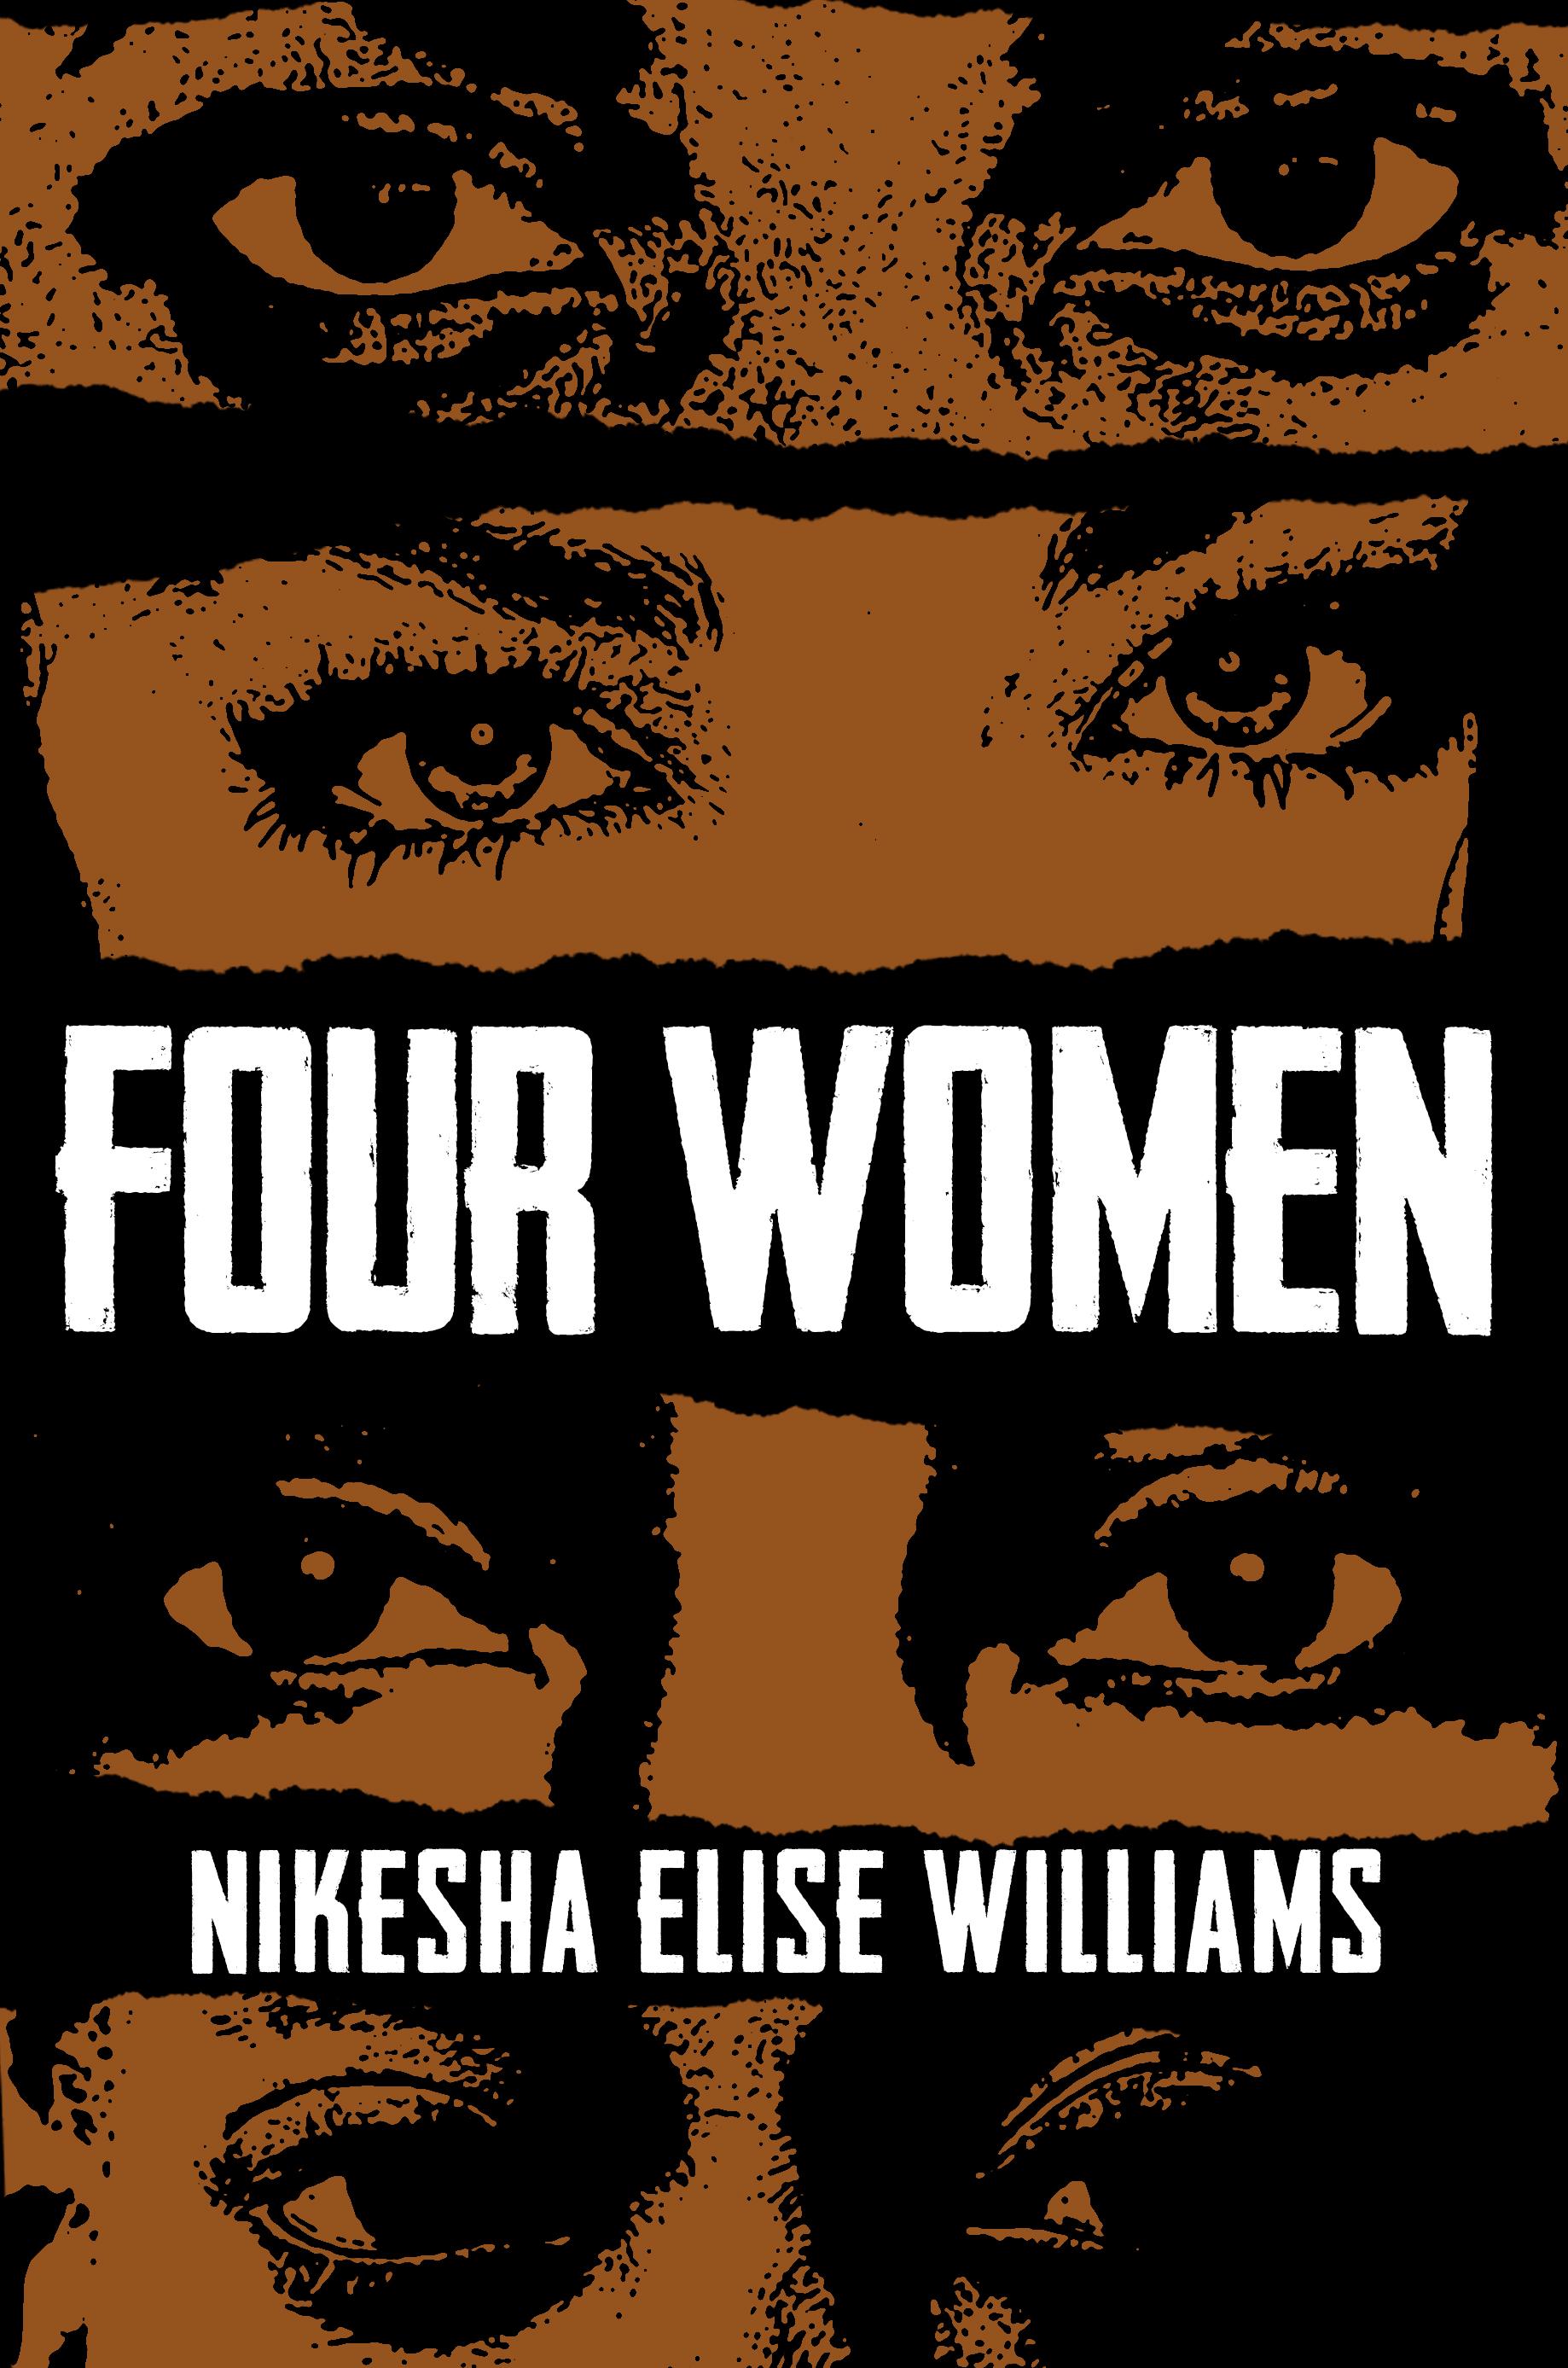 FOUR WOMEN FRONT FINAL.JPG